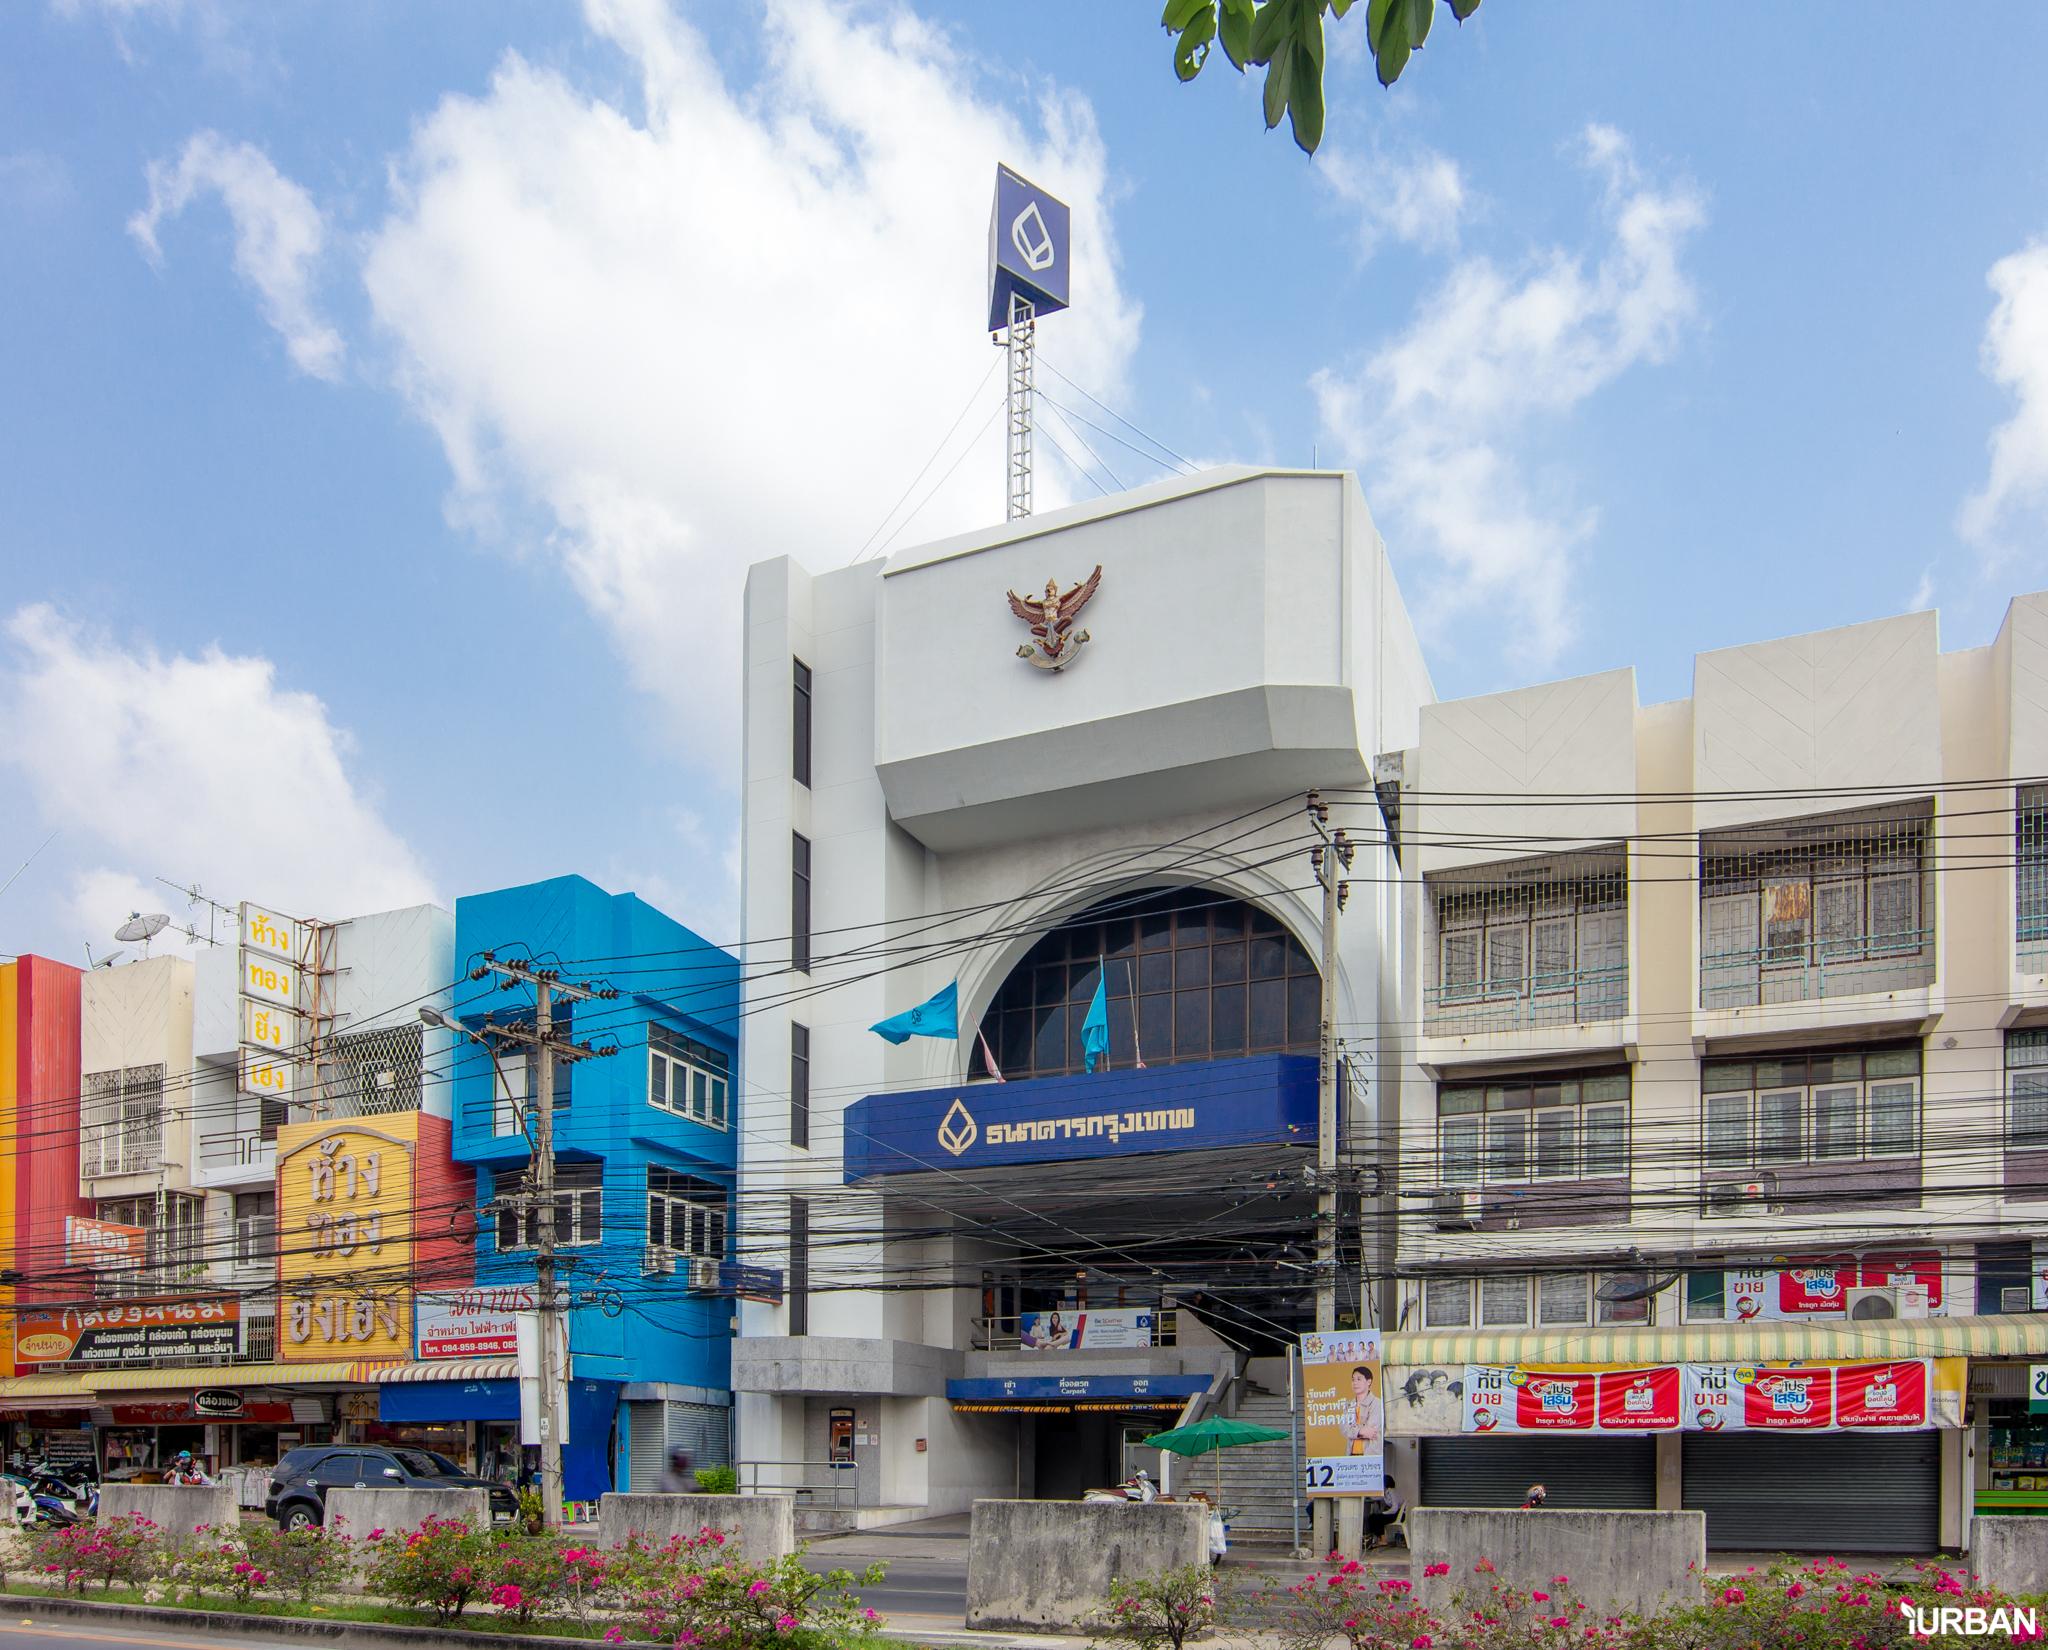 Pleno ดอนเมือง-สรงประภา สำรวจทำเลโครงการแรกน่าลงทุนย่านดอนเมืองจาก AP THAI 18 - AP (Thailand) - เอพี (ไทยแลนด์)